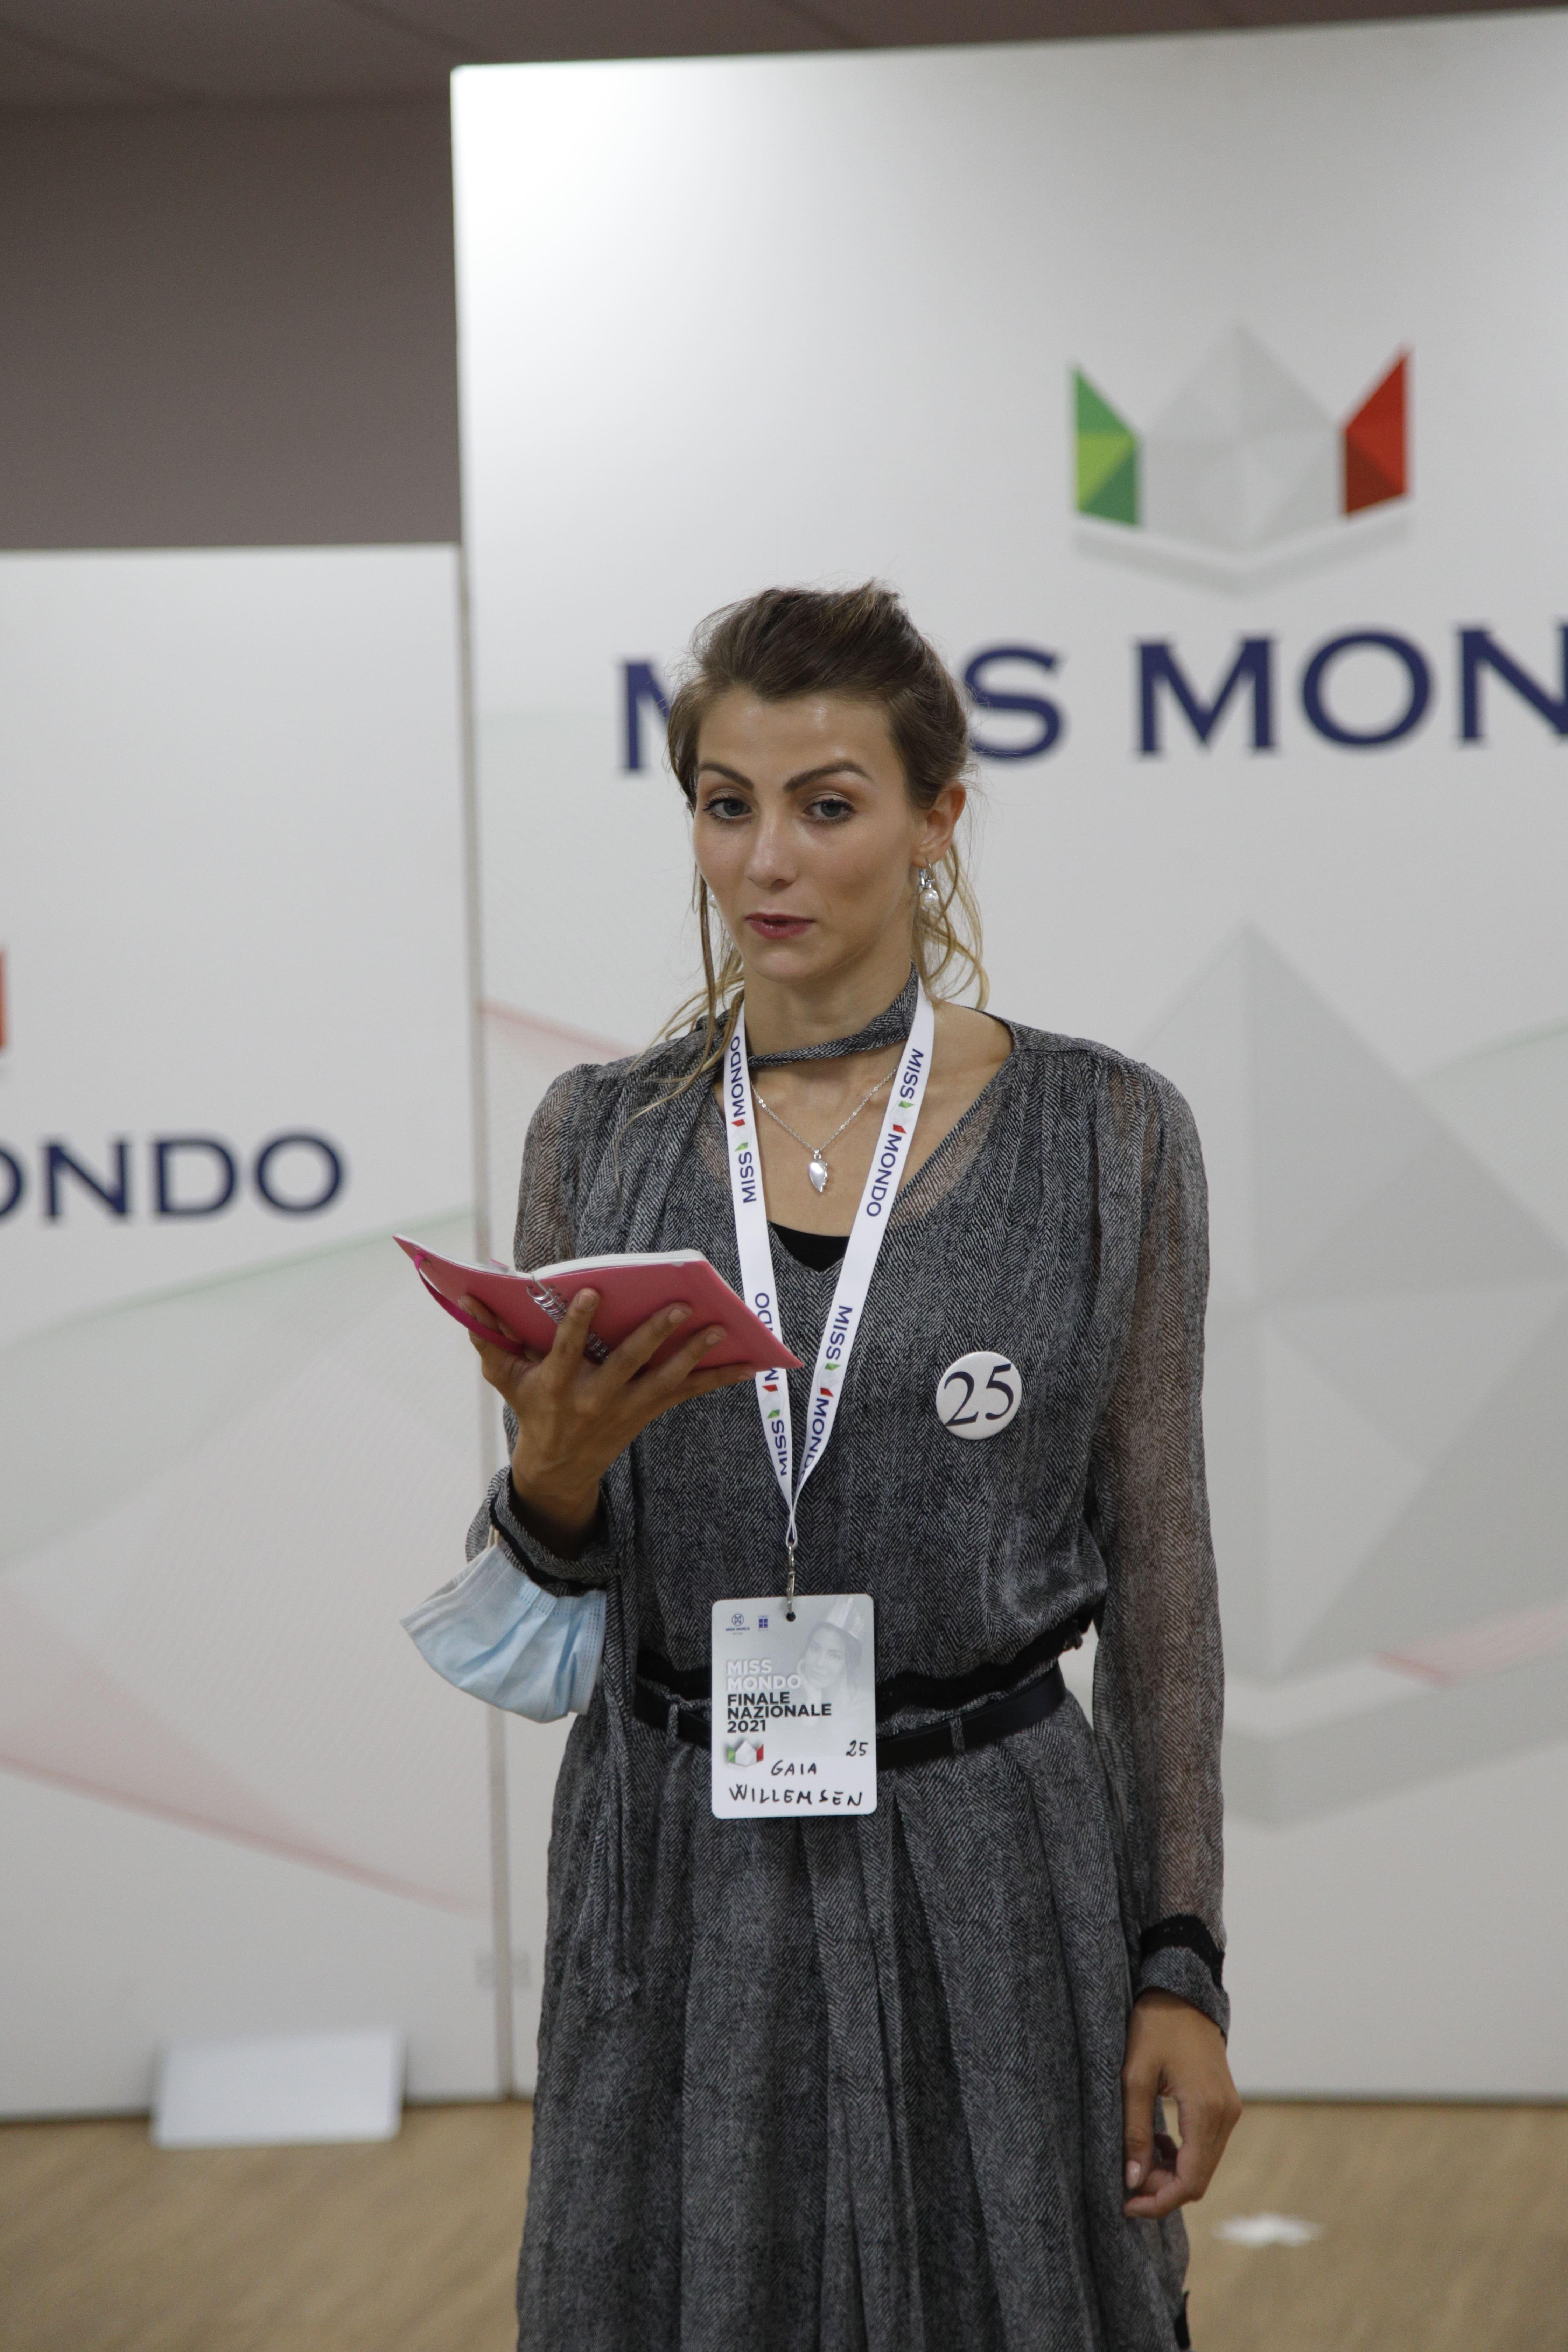 Finale nazione Miss Mondo Italia 2021 Audizione Talent 1 - 25